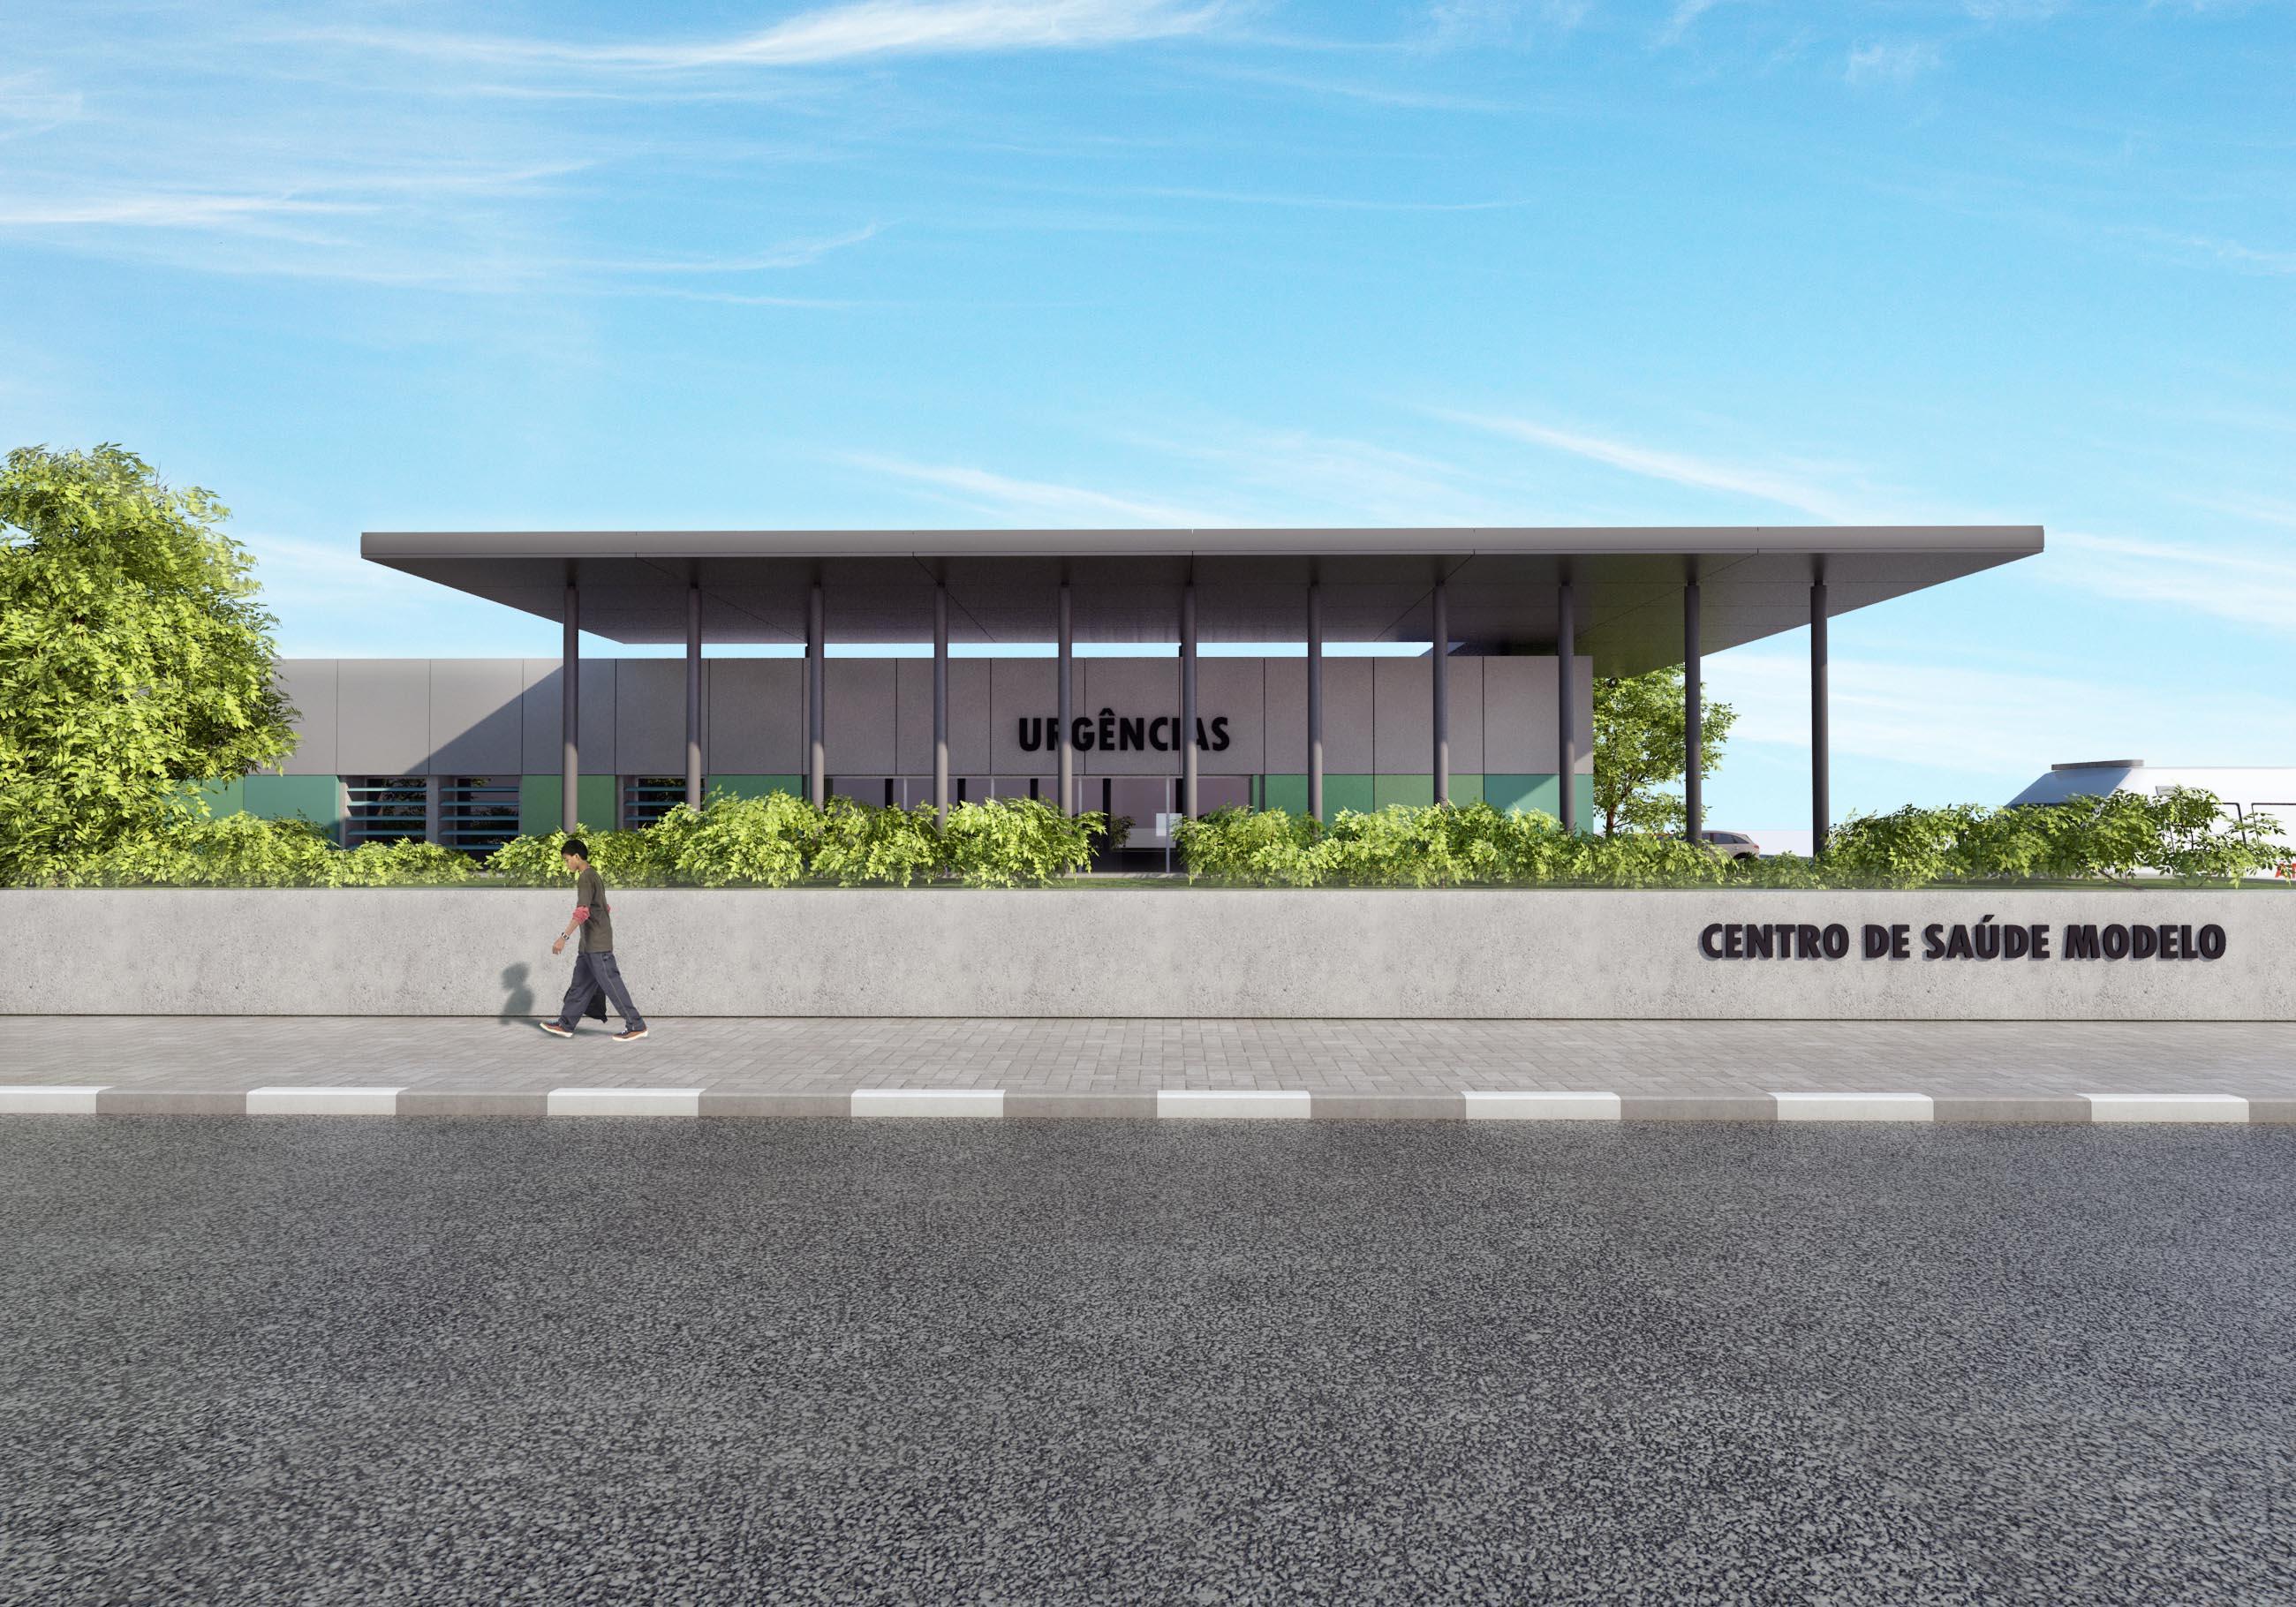 CENTRO DE SAÚDE2/Artboxarq